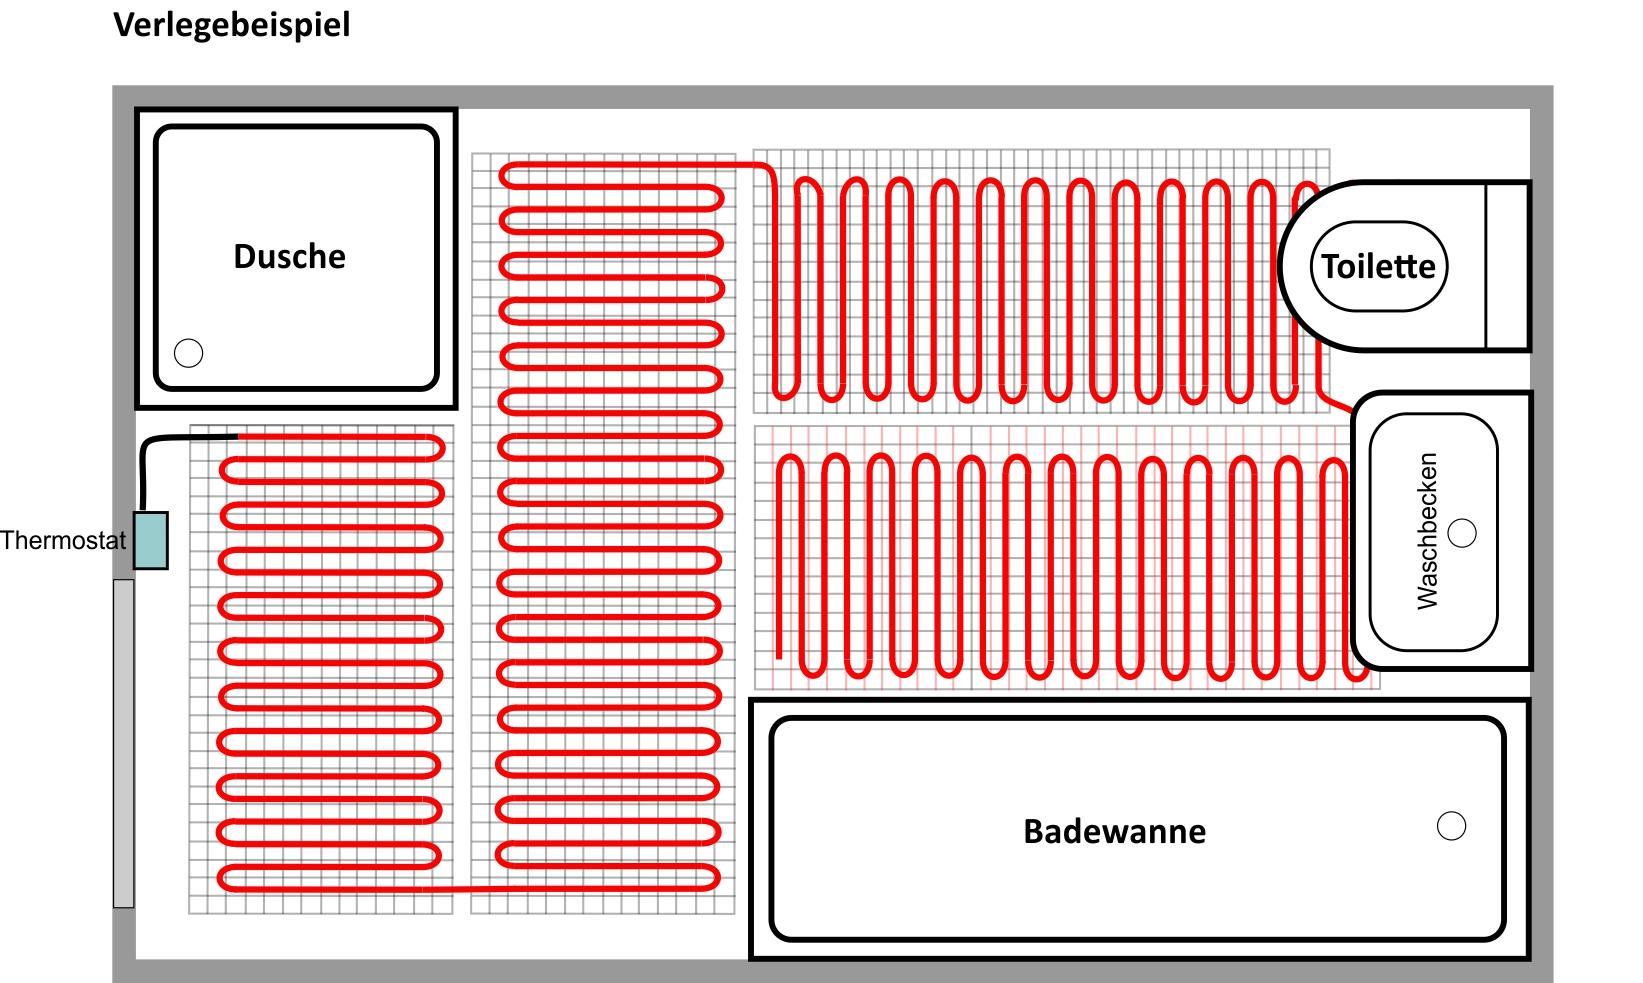 elektrische fu bodenheizung nassbereich pu48 kyushucon. Black Bedroom Furniture Sets. Home Design Ideas